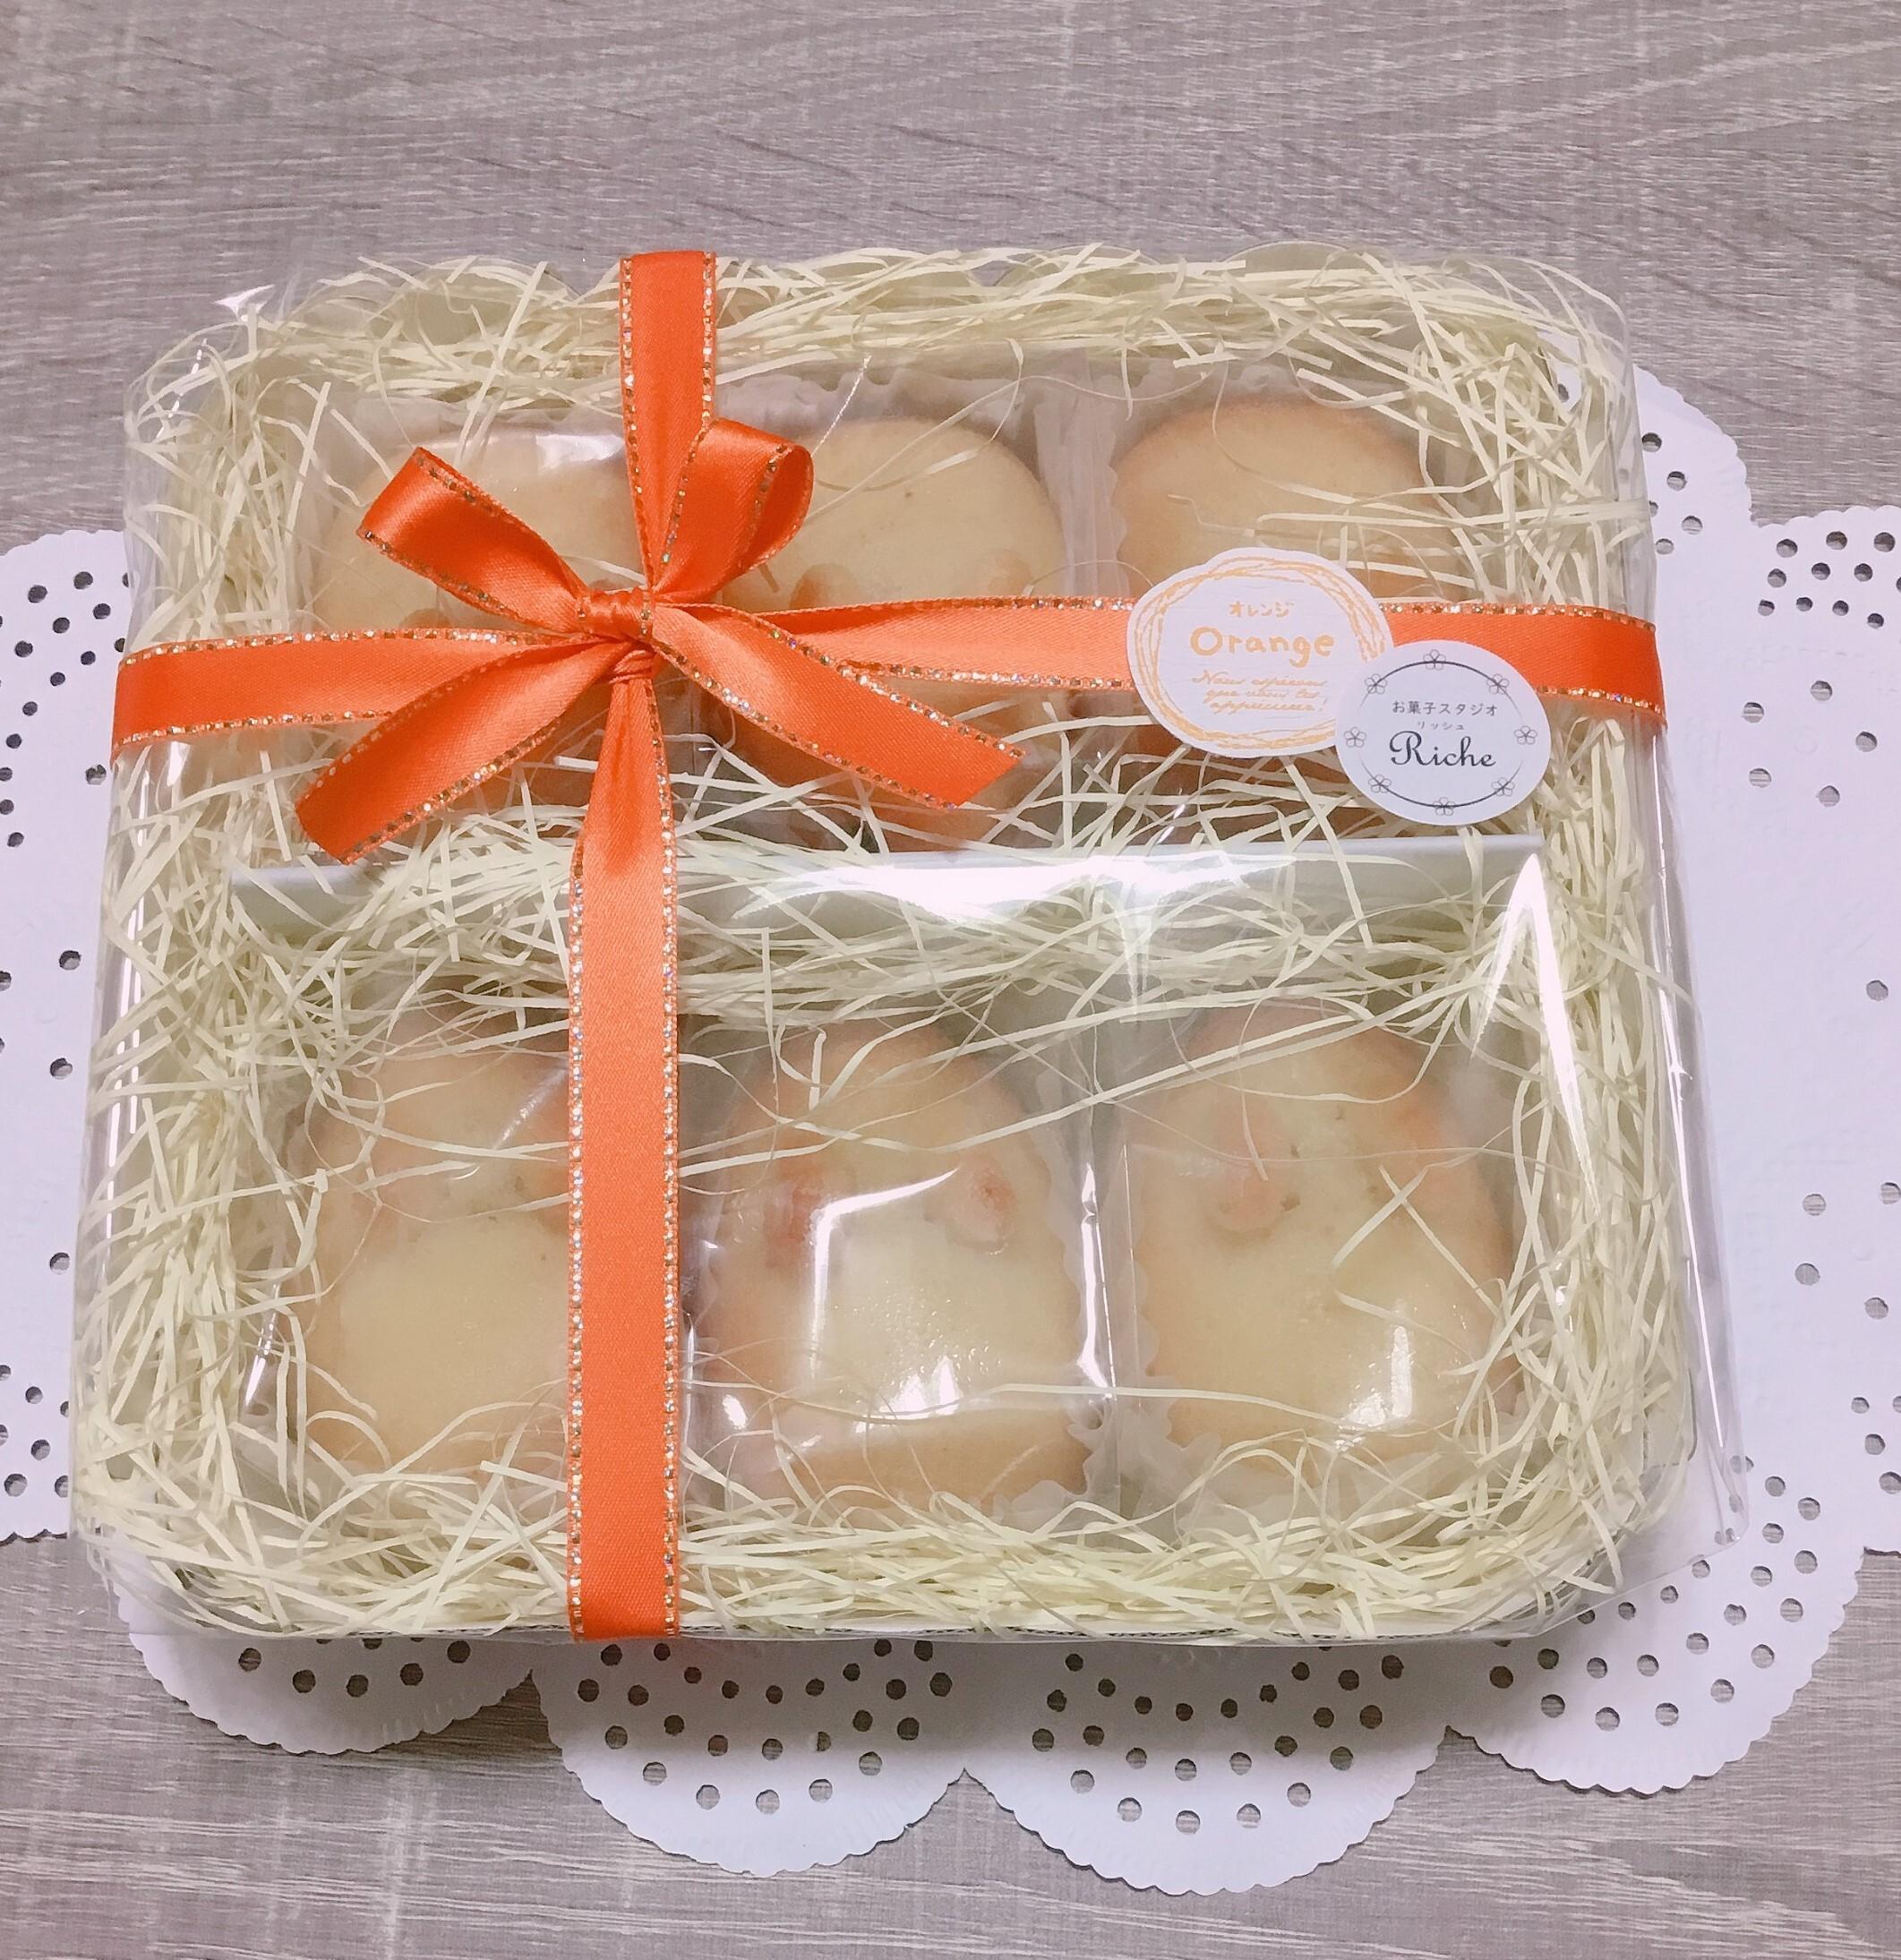 【月~金曜日発送】オレンジ焼きうさぎ6羽セット※期間限定(焼き菓子/フィナンシェ/お菓子ギフト)